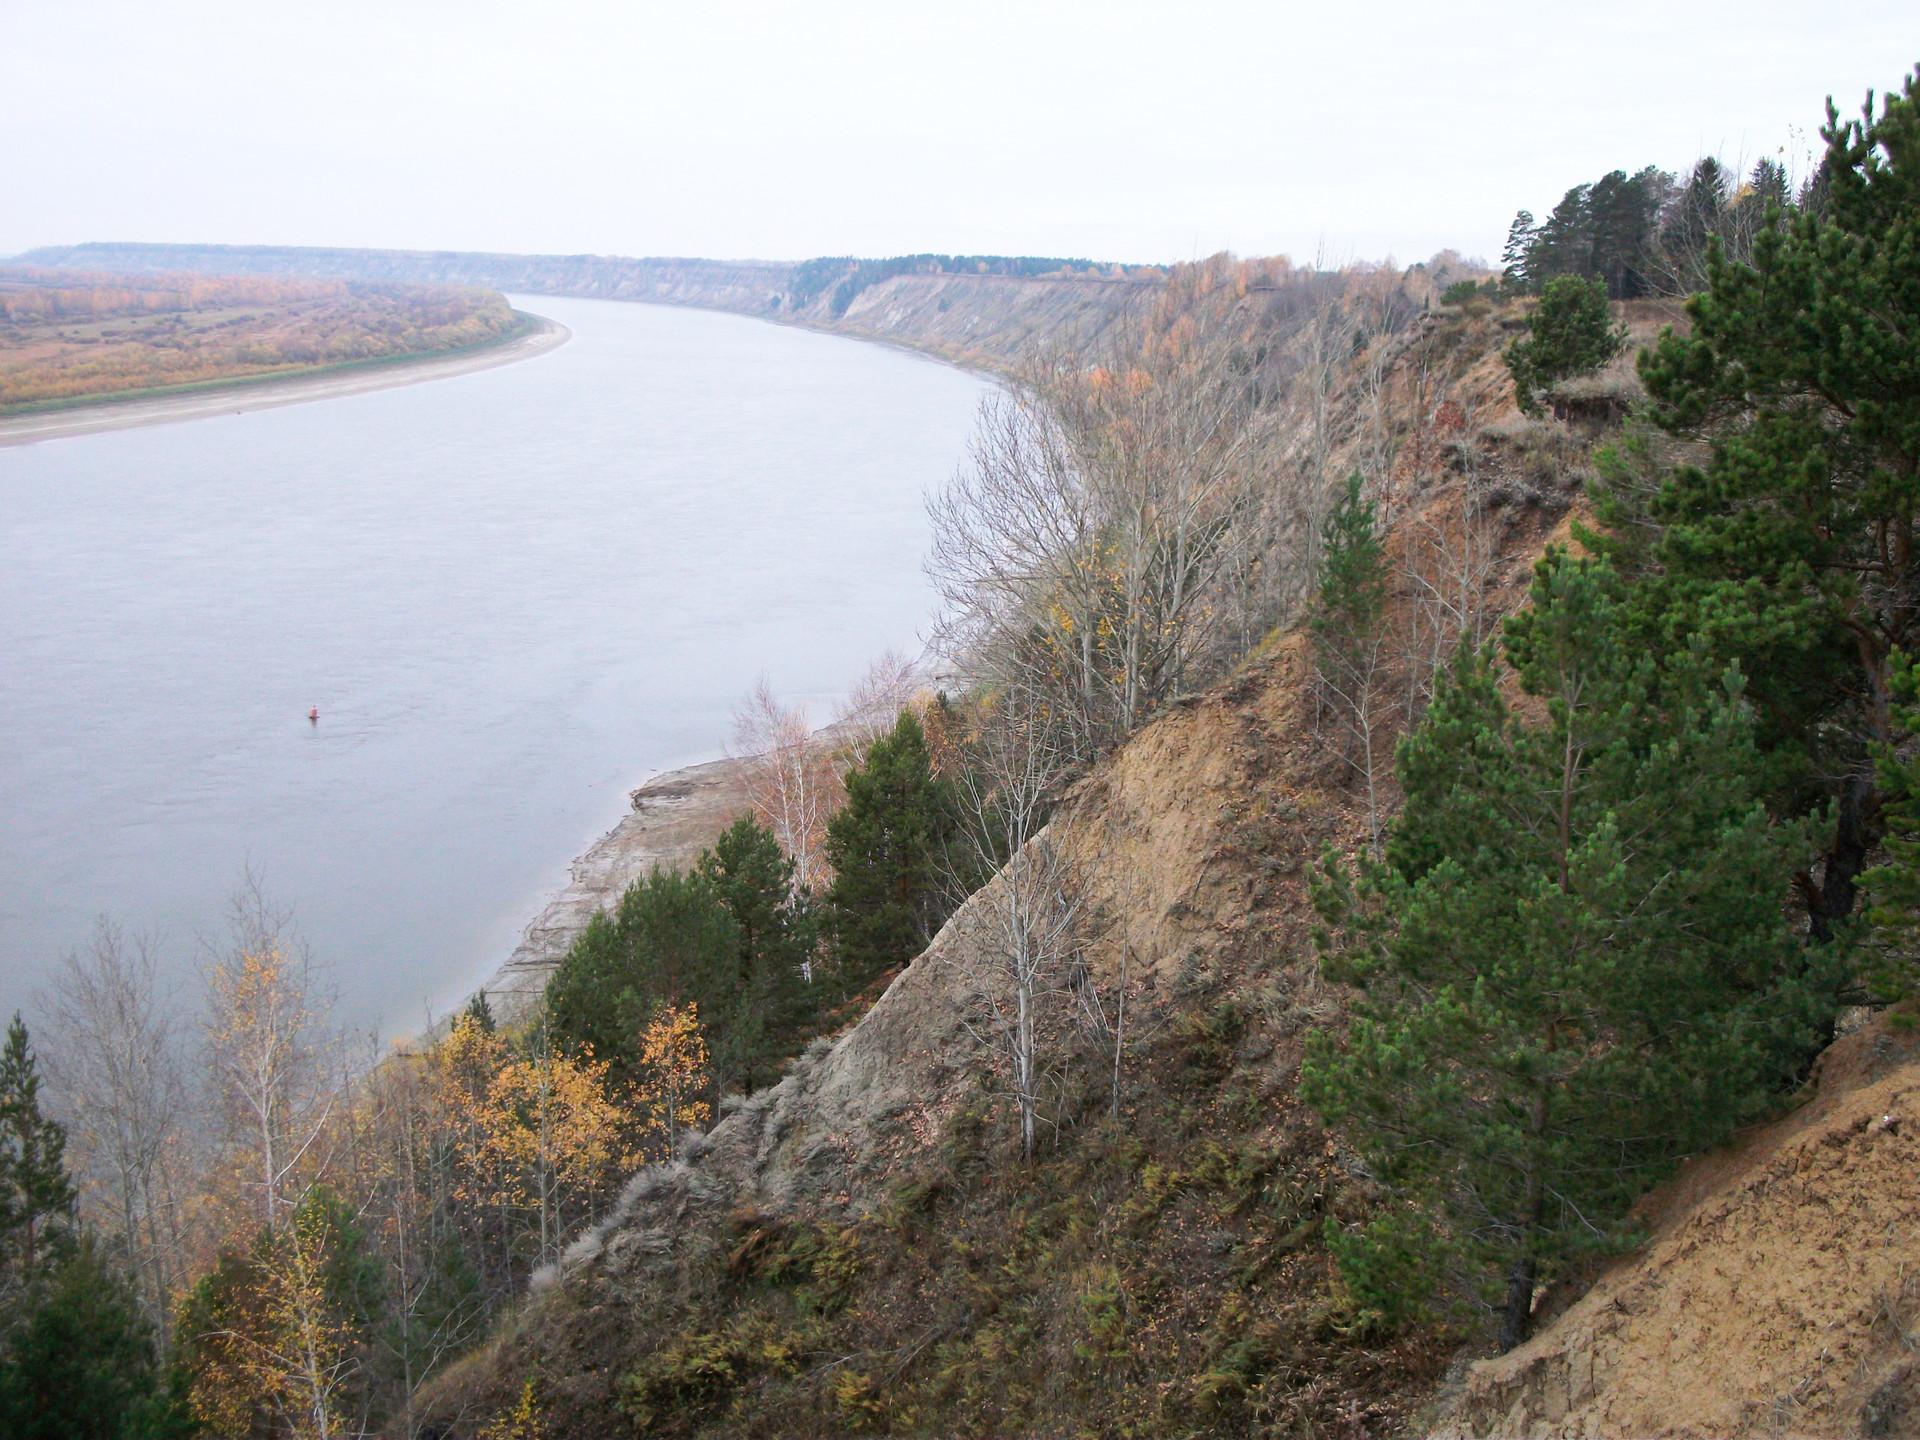 La colina donde una vez estuvo Kashlyk (Sibir). Región de Tumen, Rusia